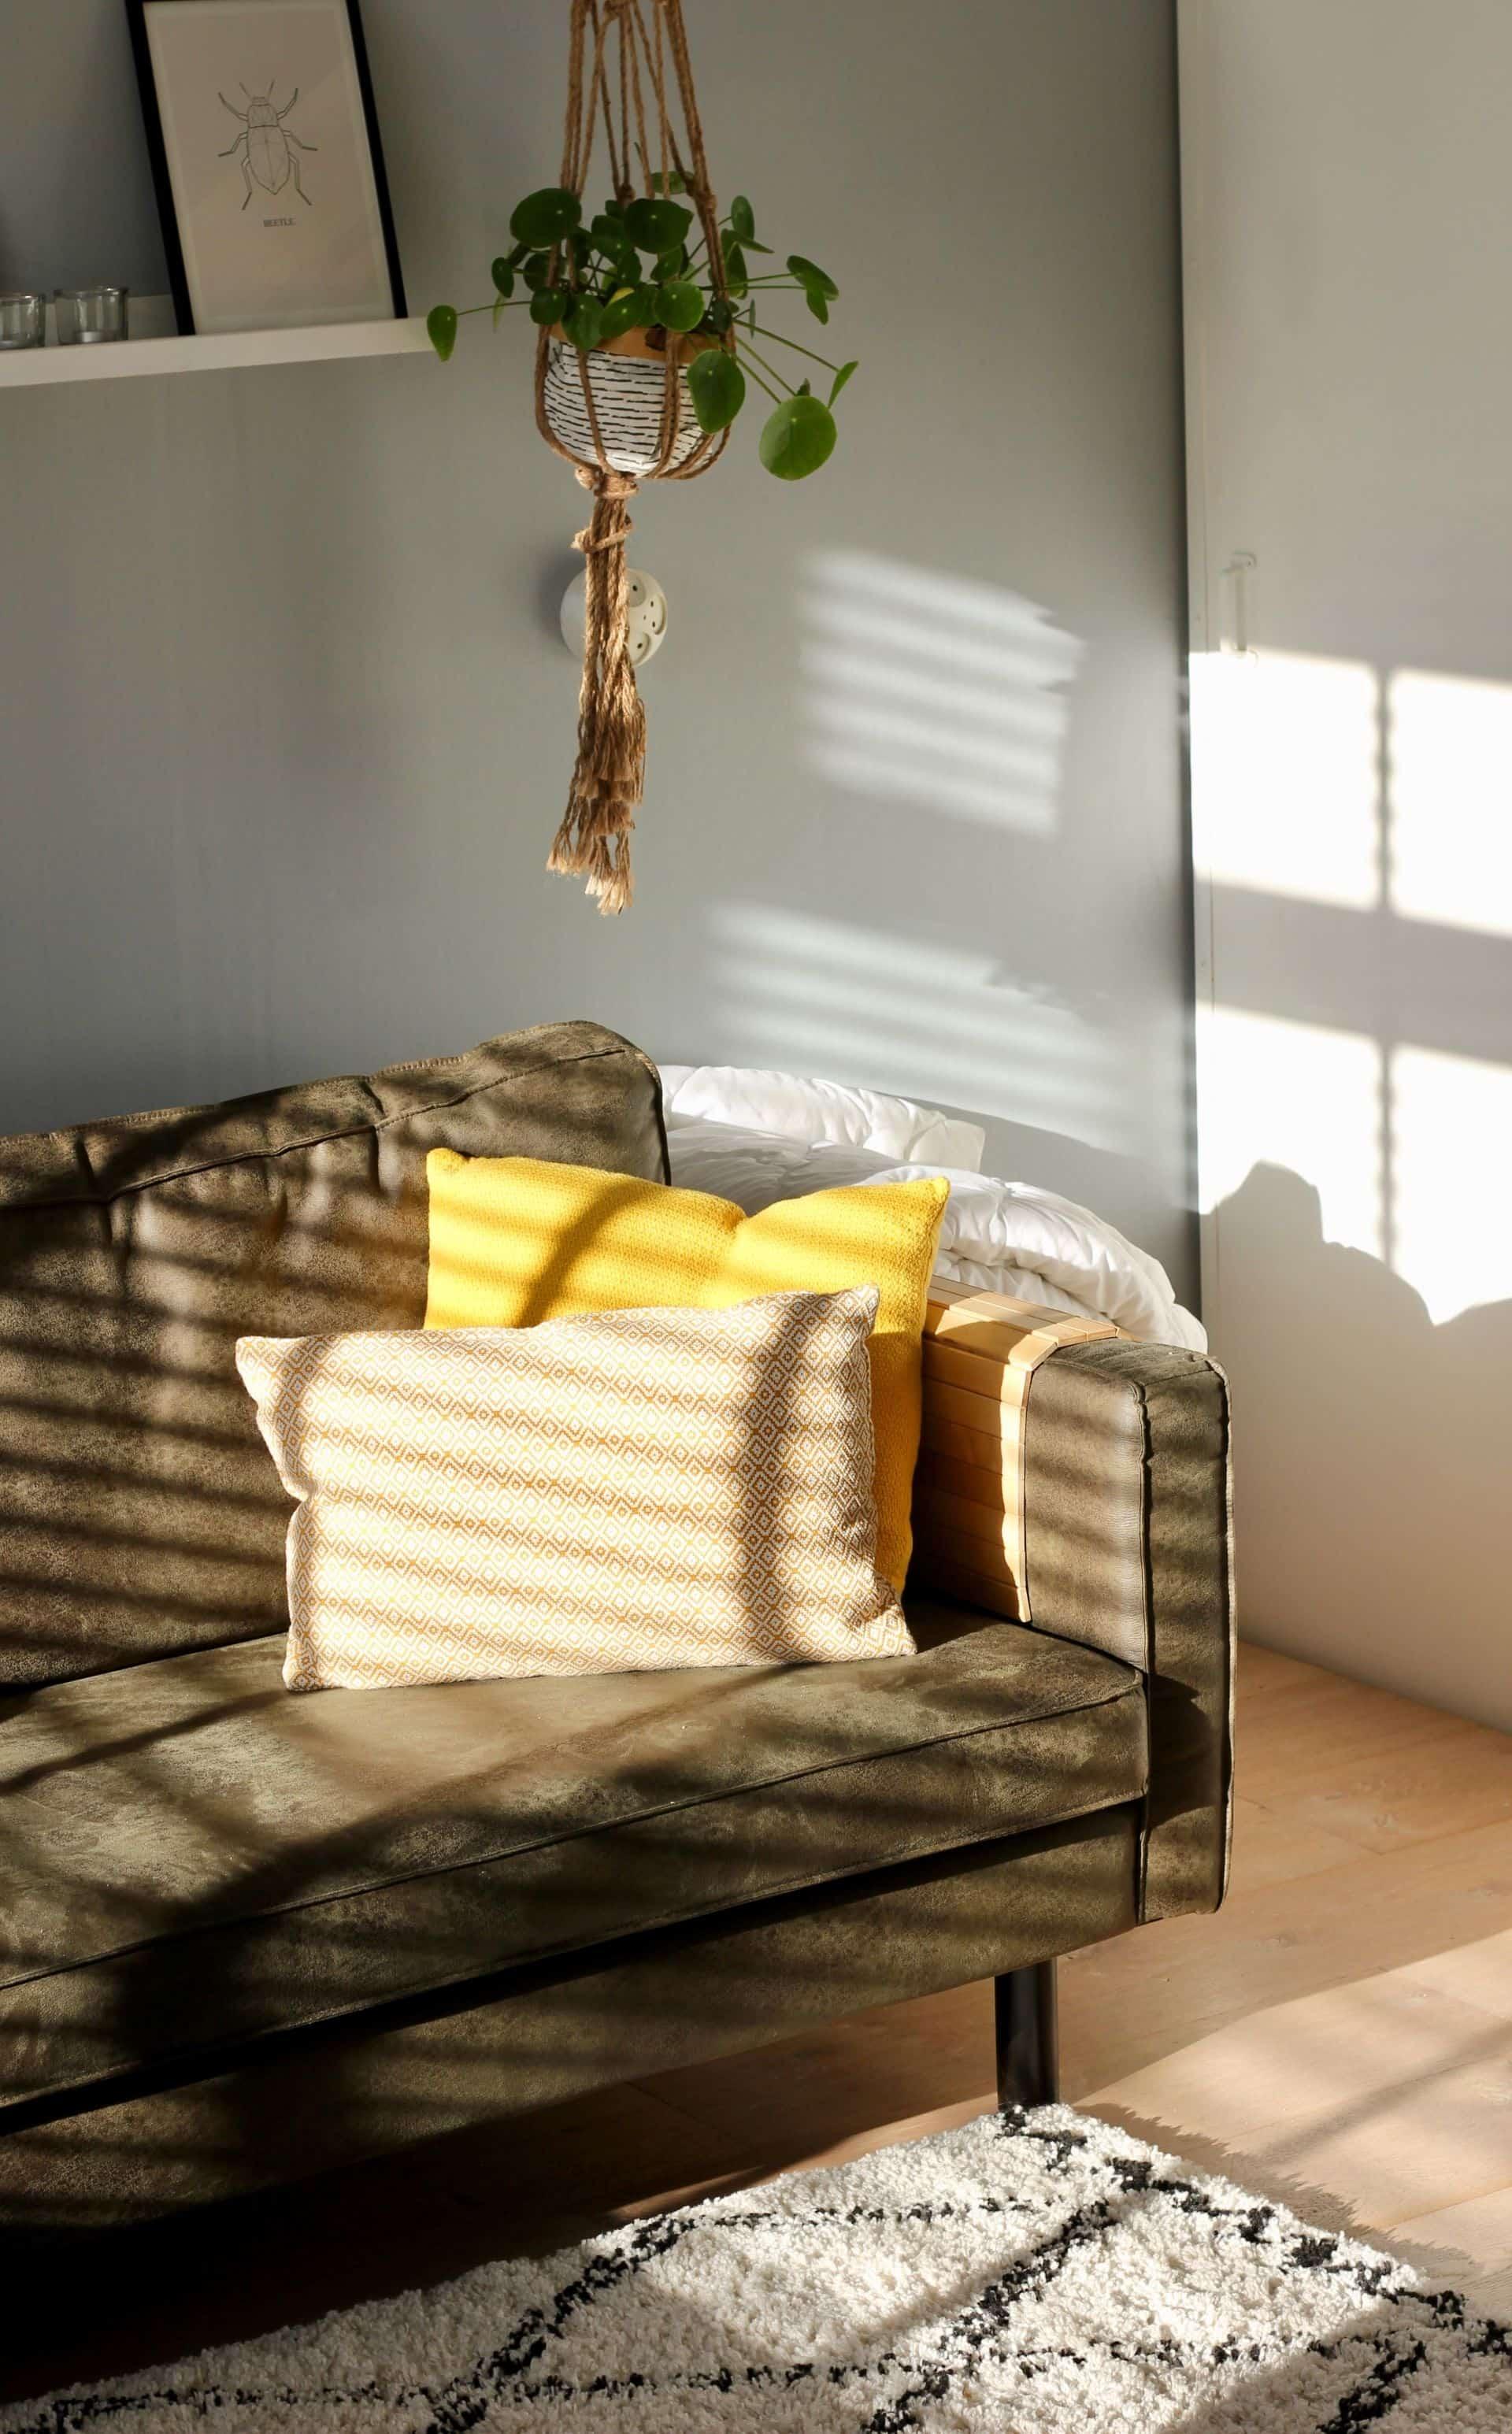 Almofadas podem renovar o ambiente e trazer um ar de aconchego e conforto.